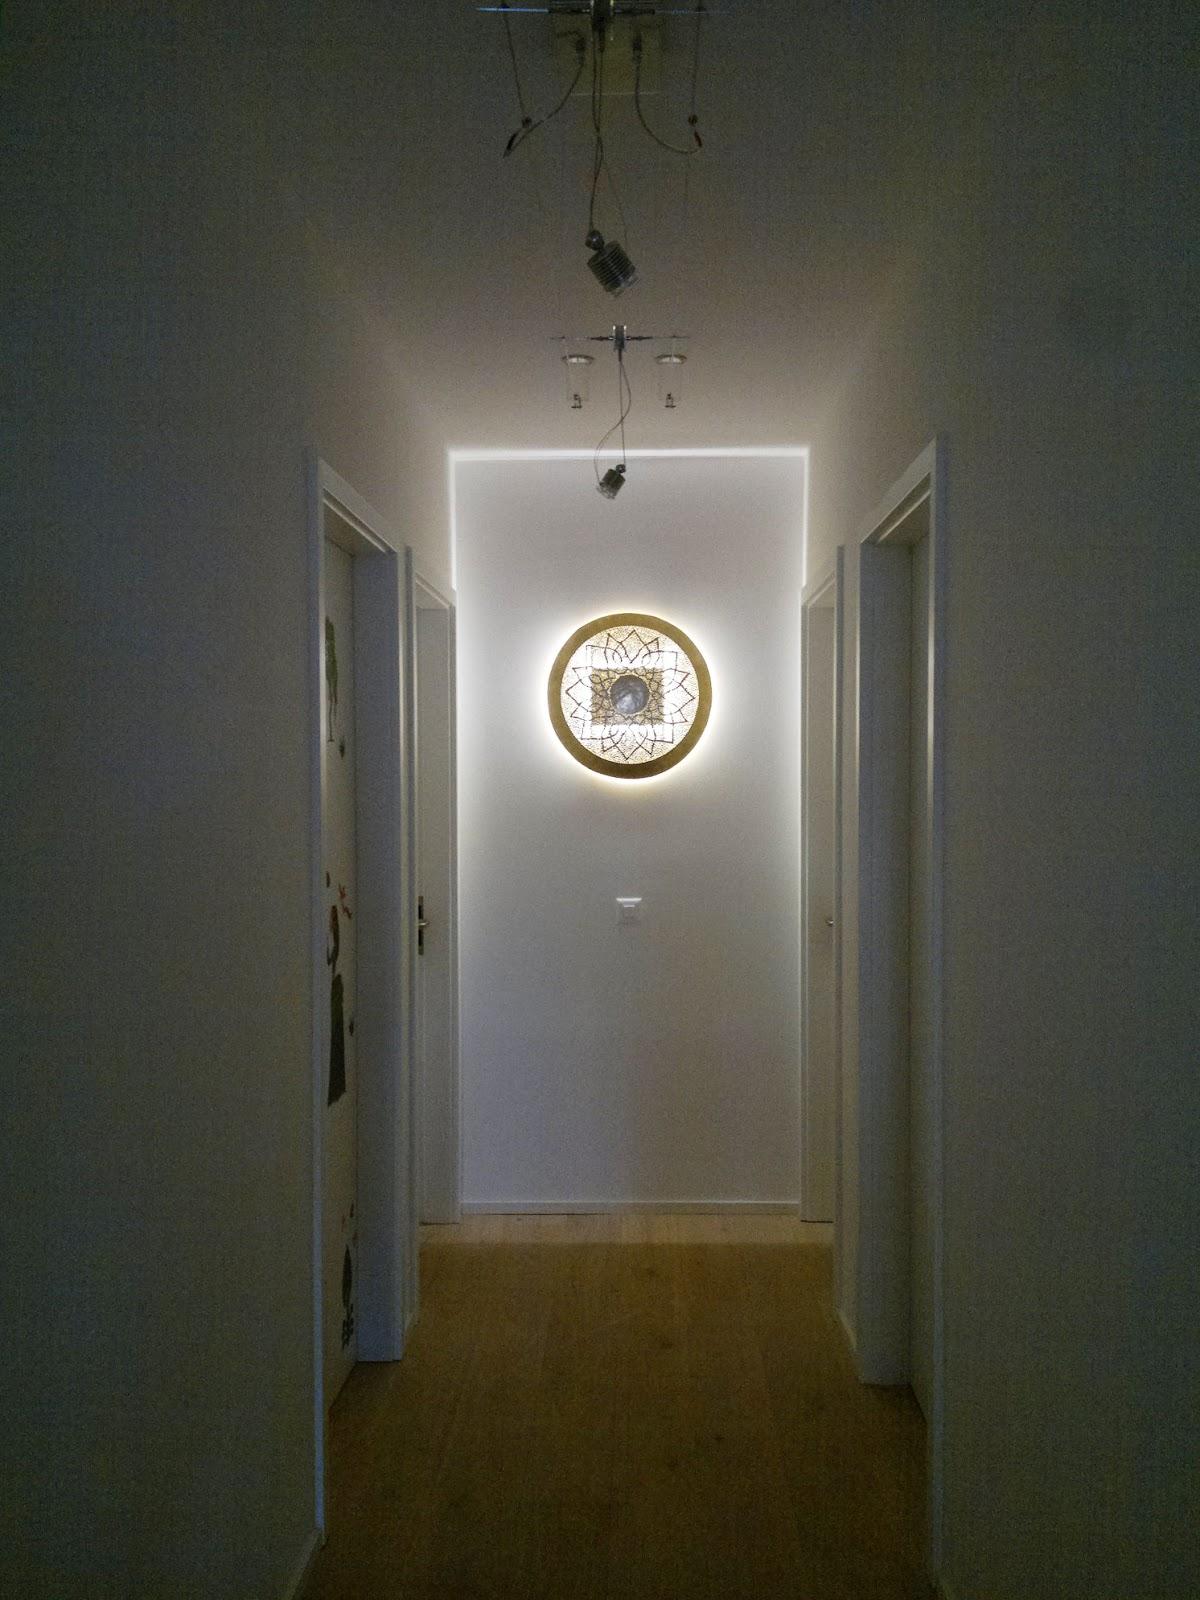 Lampadario Con Punto Luce Decentrato illuminazione led casa: marzo 2016